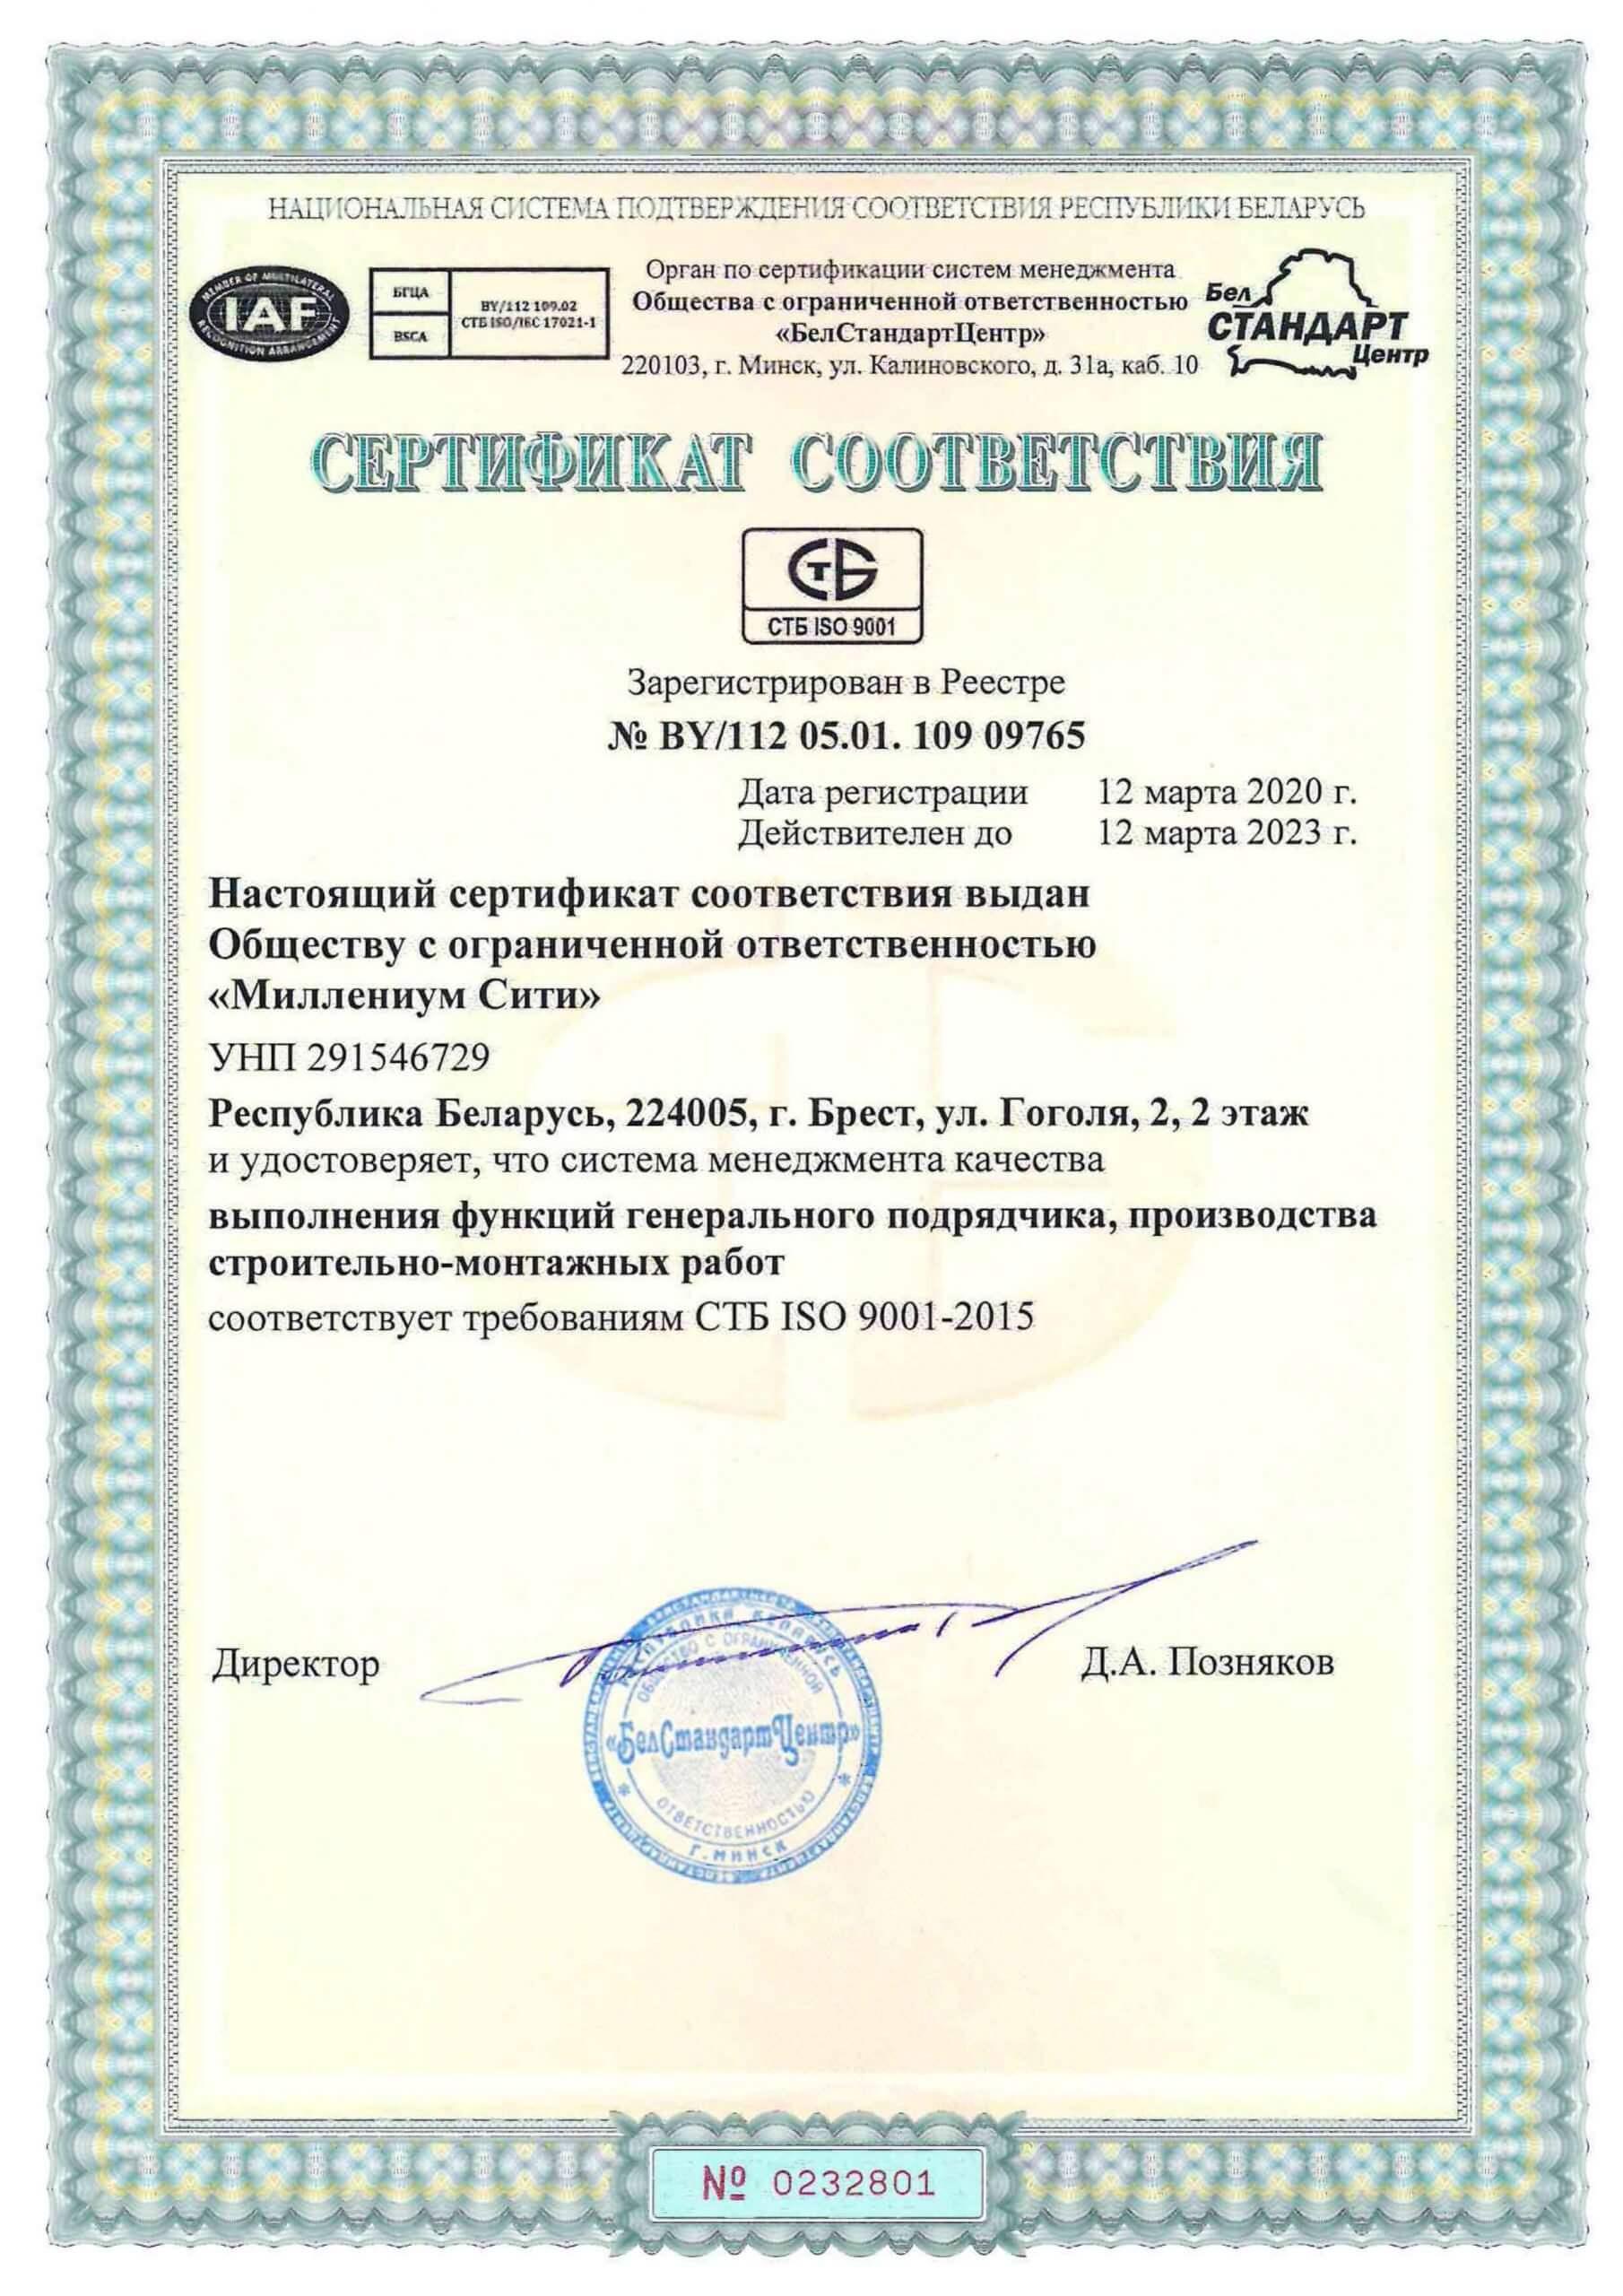 Сертификат соответствия строительной компании Миллениум Сити